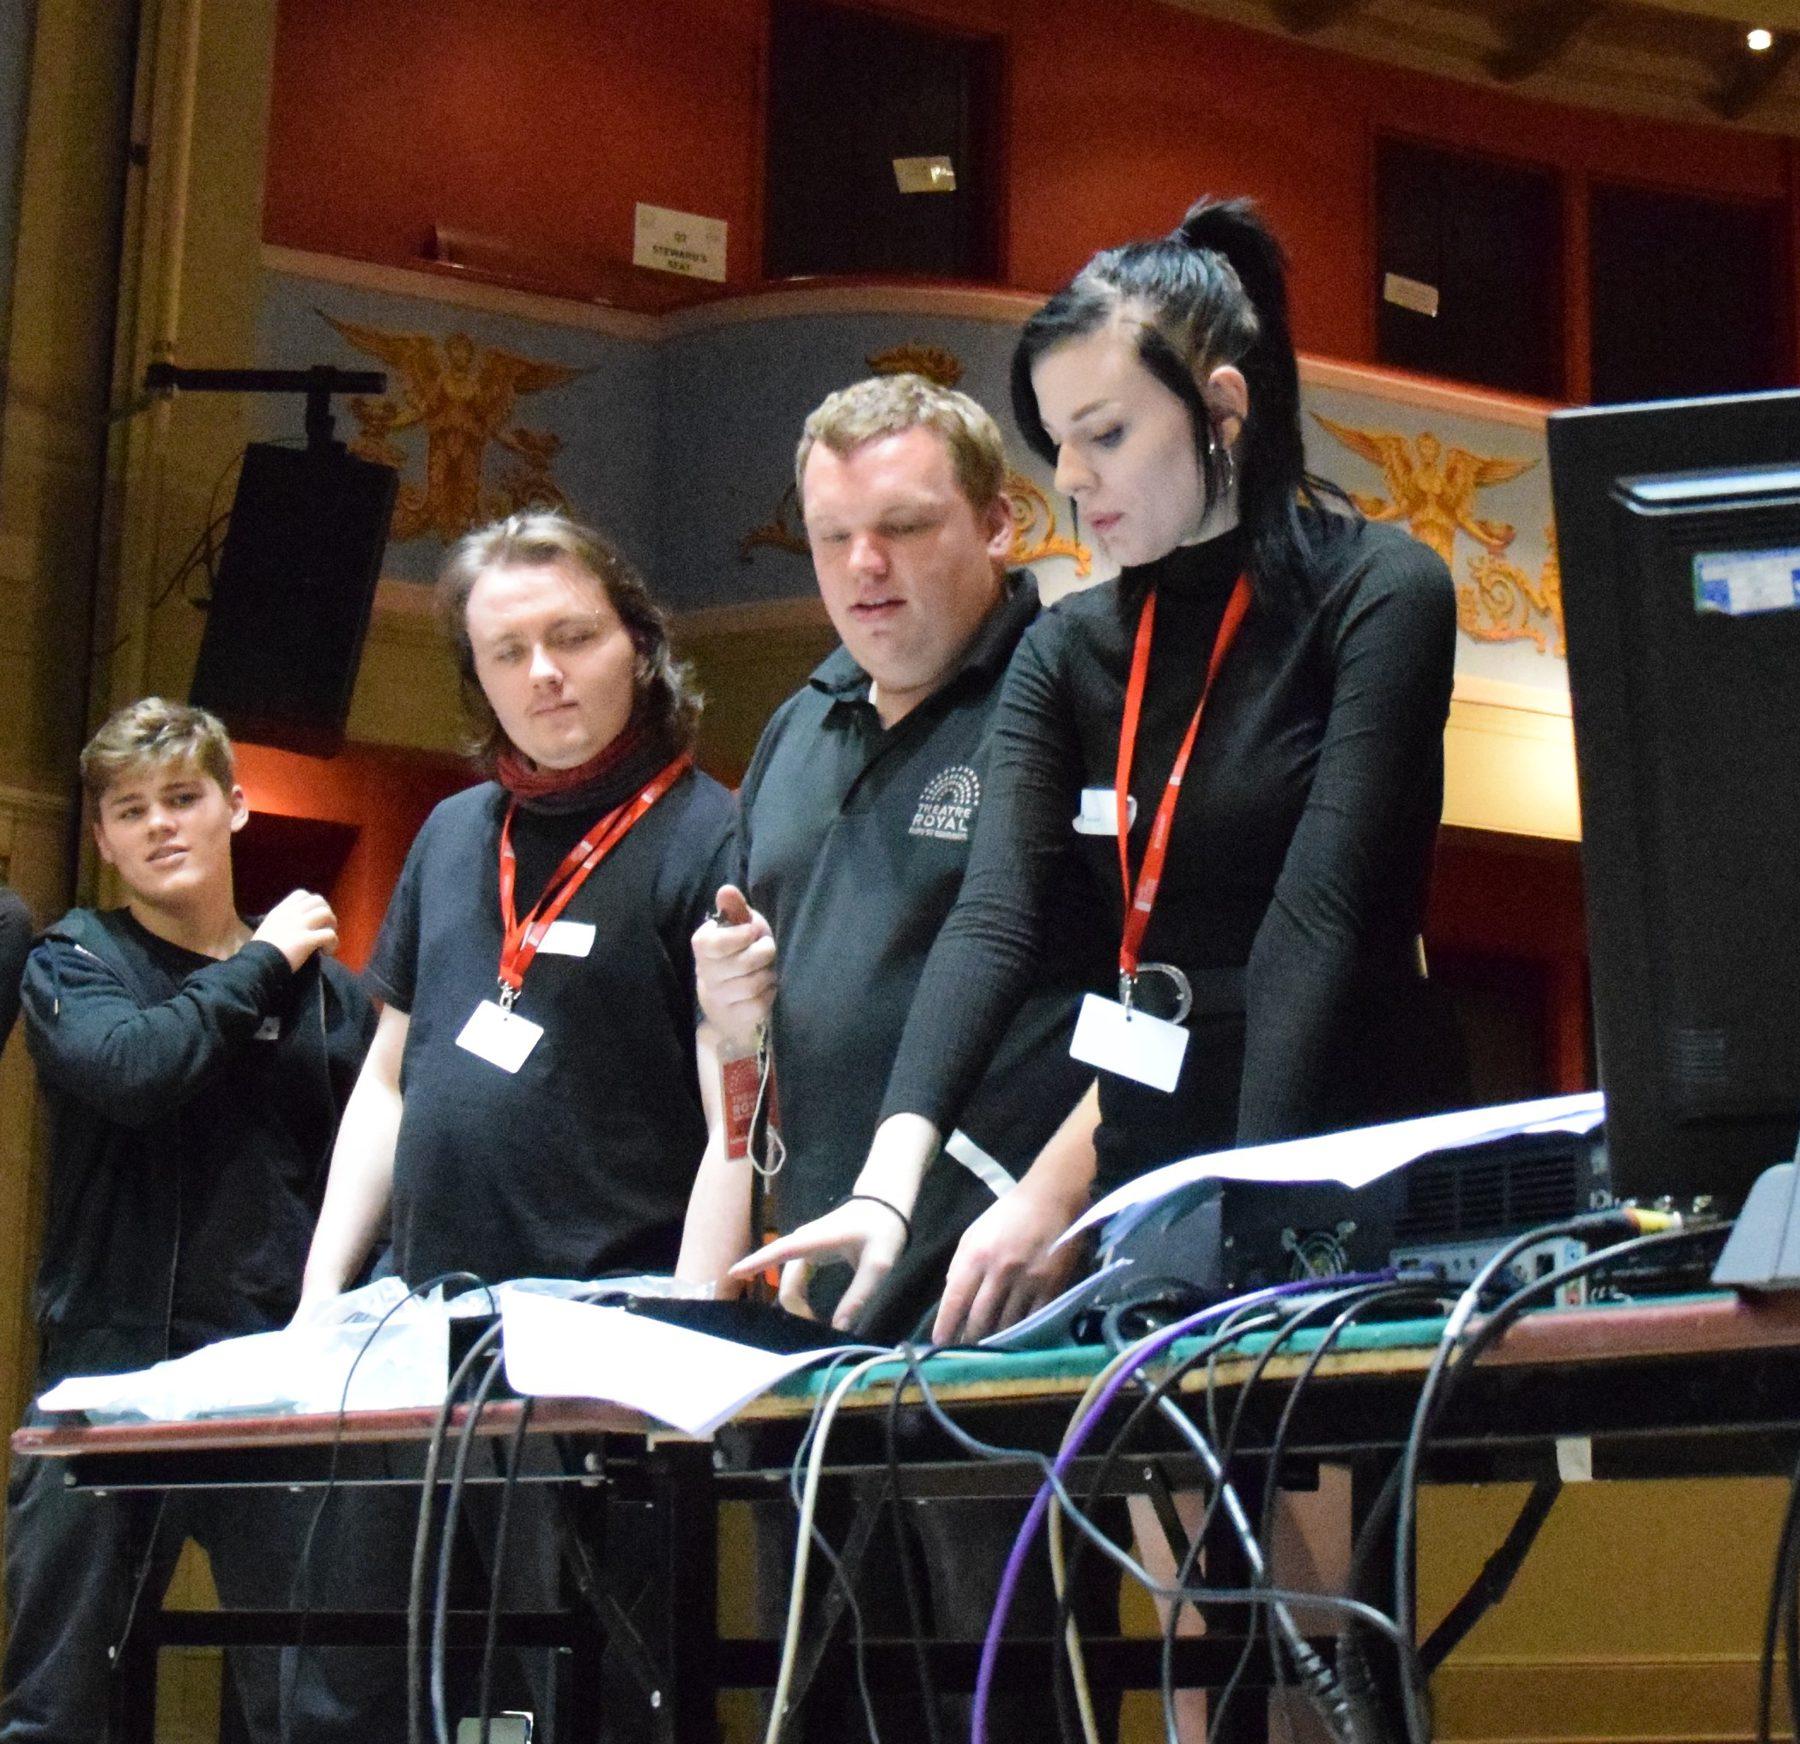 Theatre Royal Bury St Edmunds image